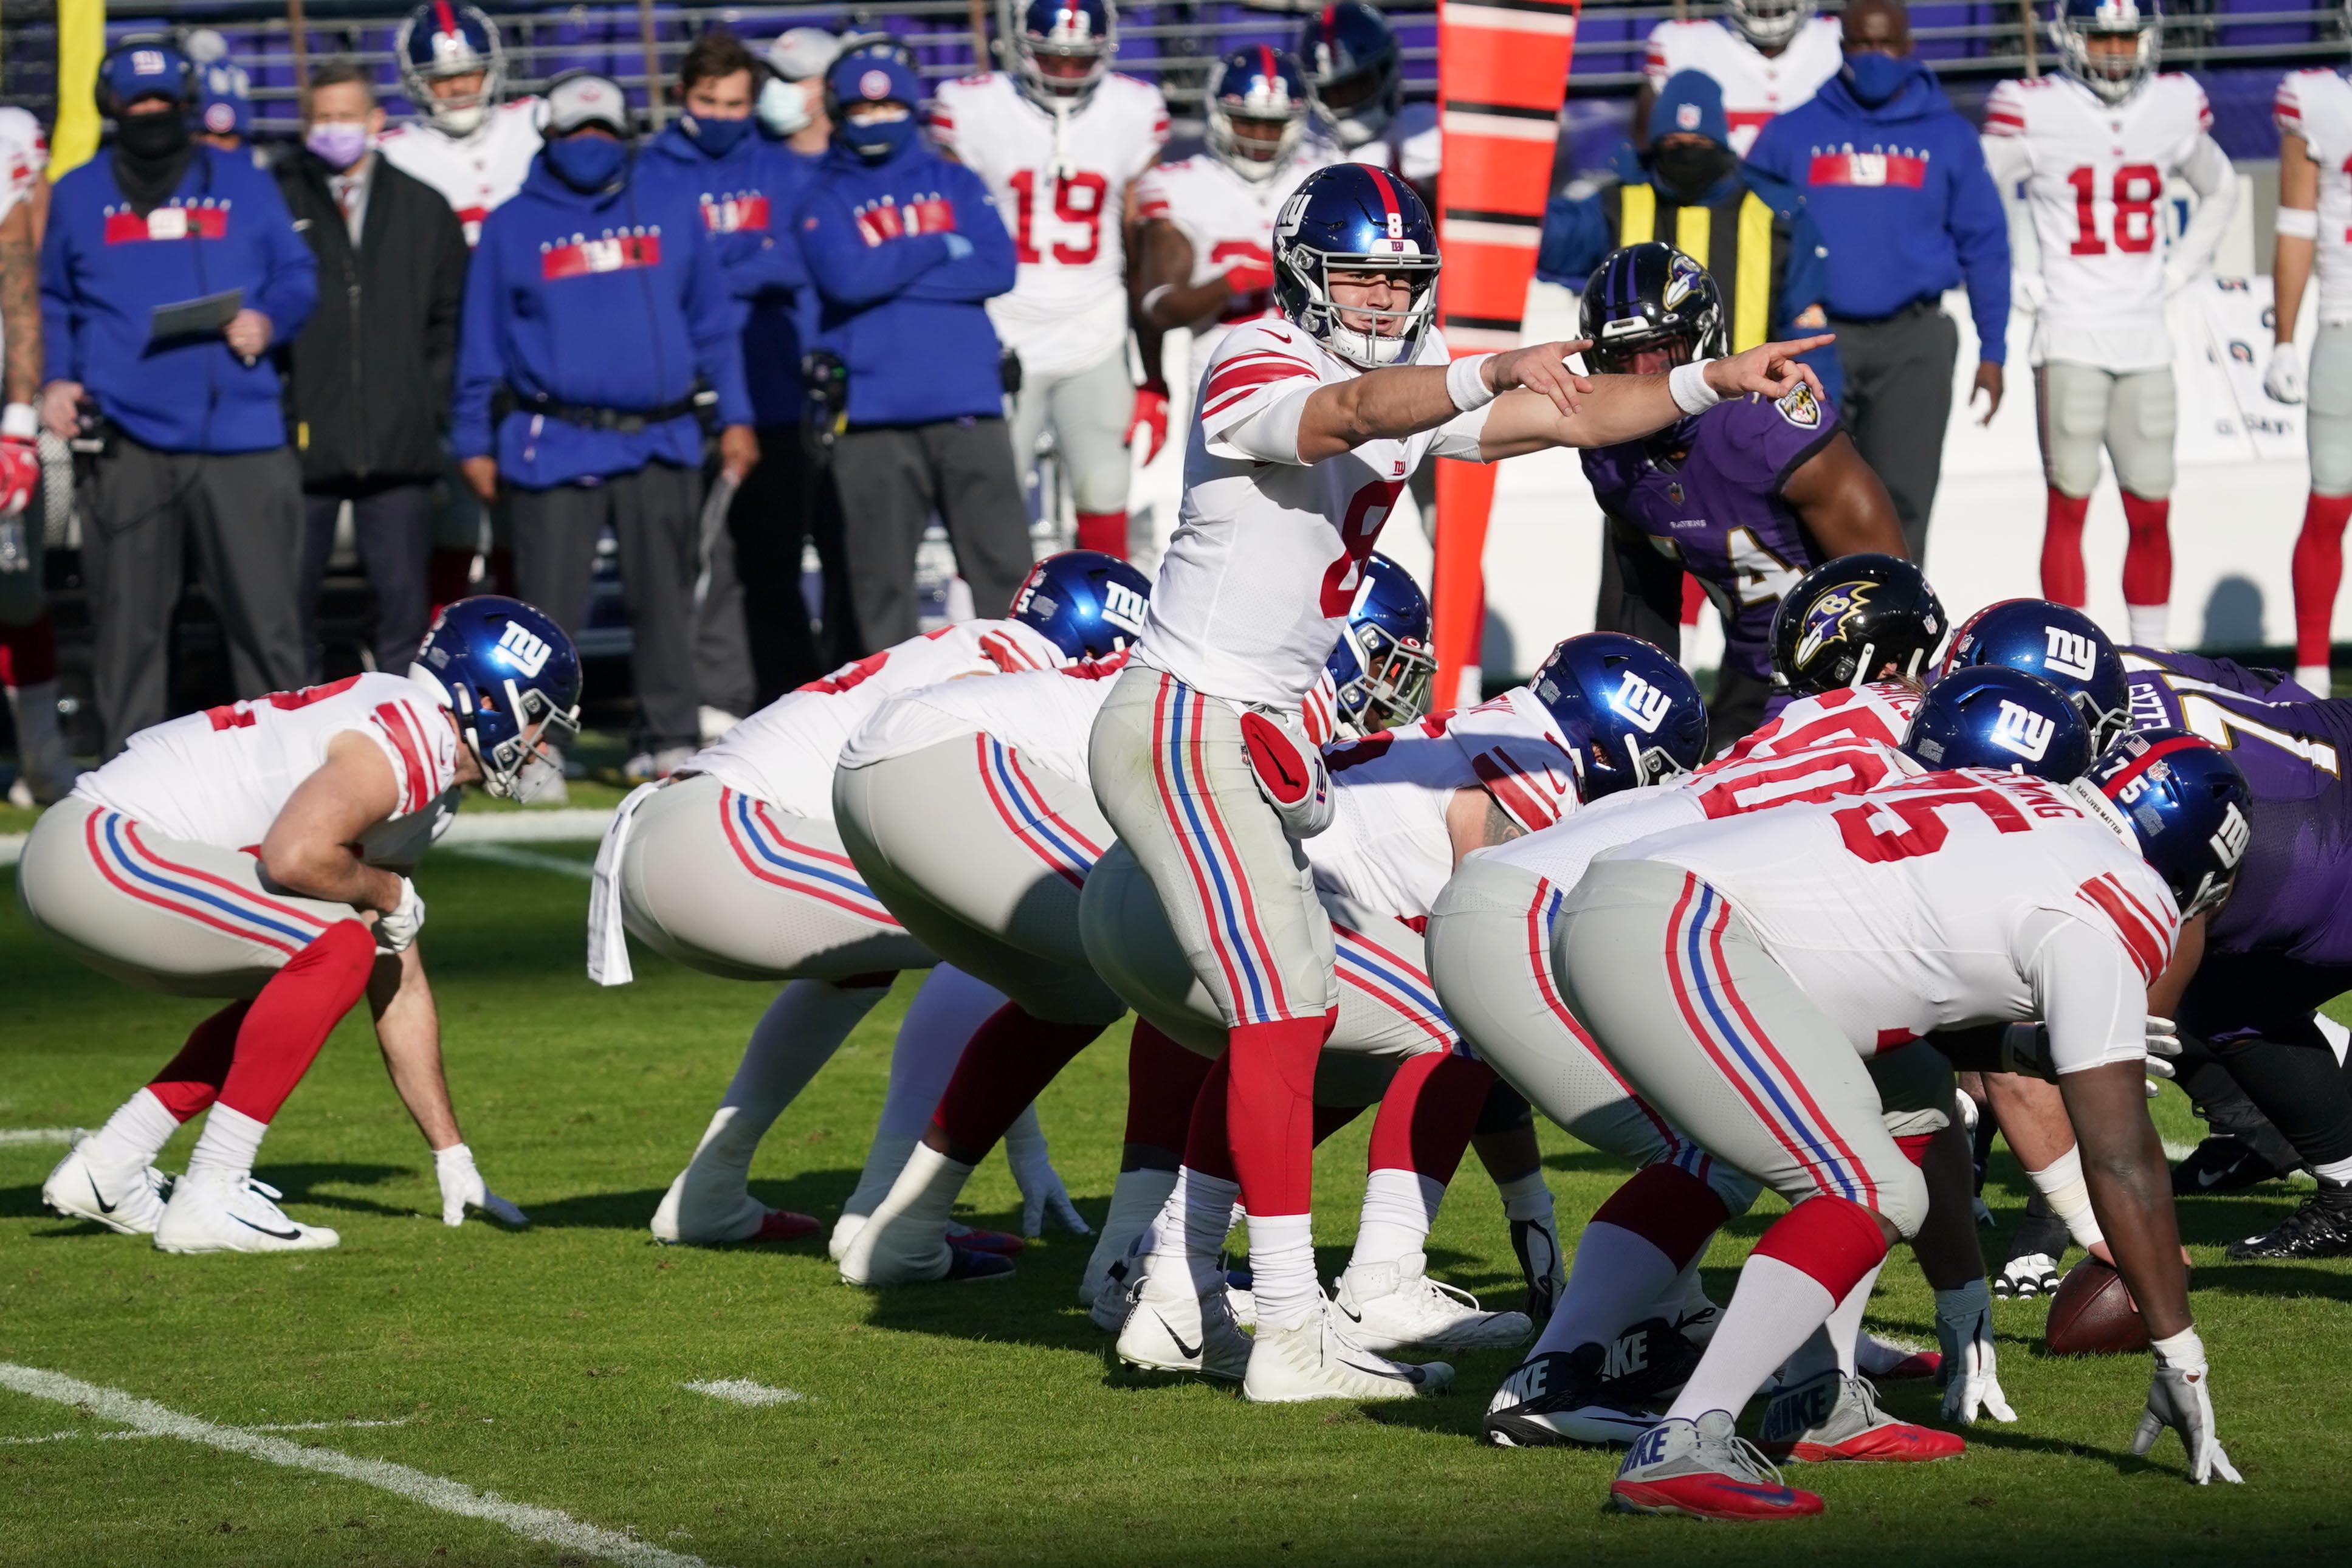 NFL: New York Giants at Baltimore Ravens